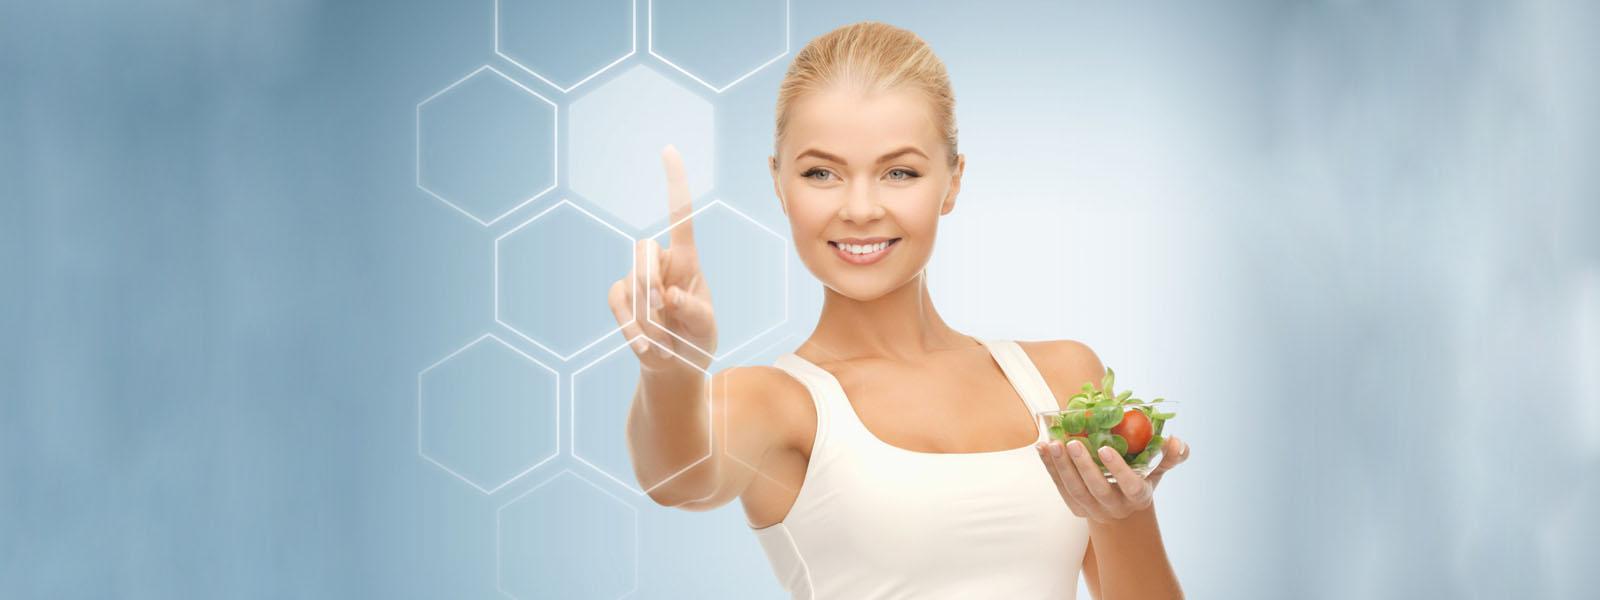 Комплекс для поддержания энергии и здоровья весной: «Амвикс» + «Ликам» + «Ведомикс»